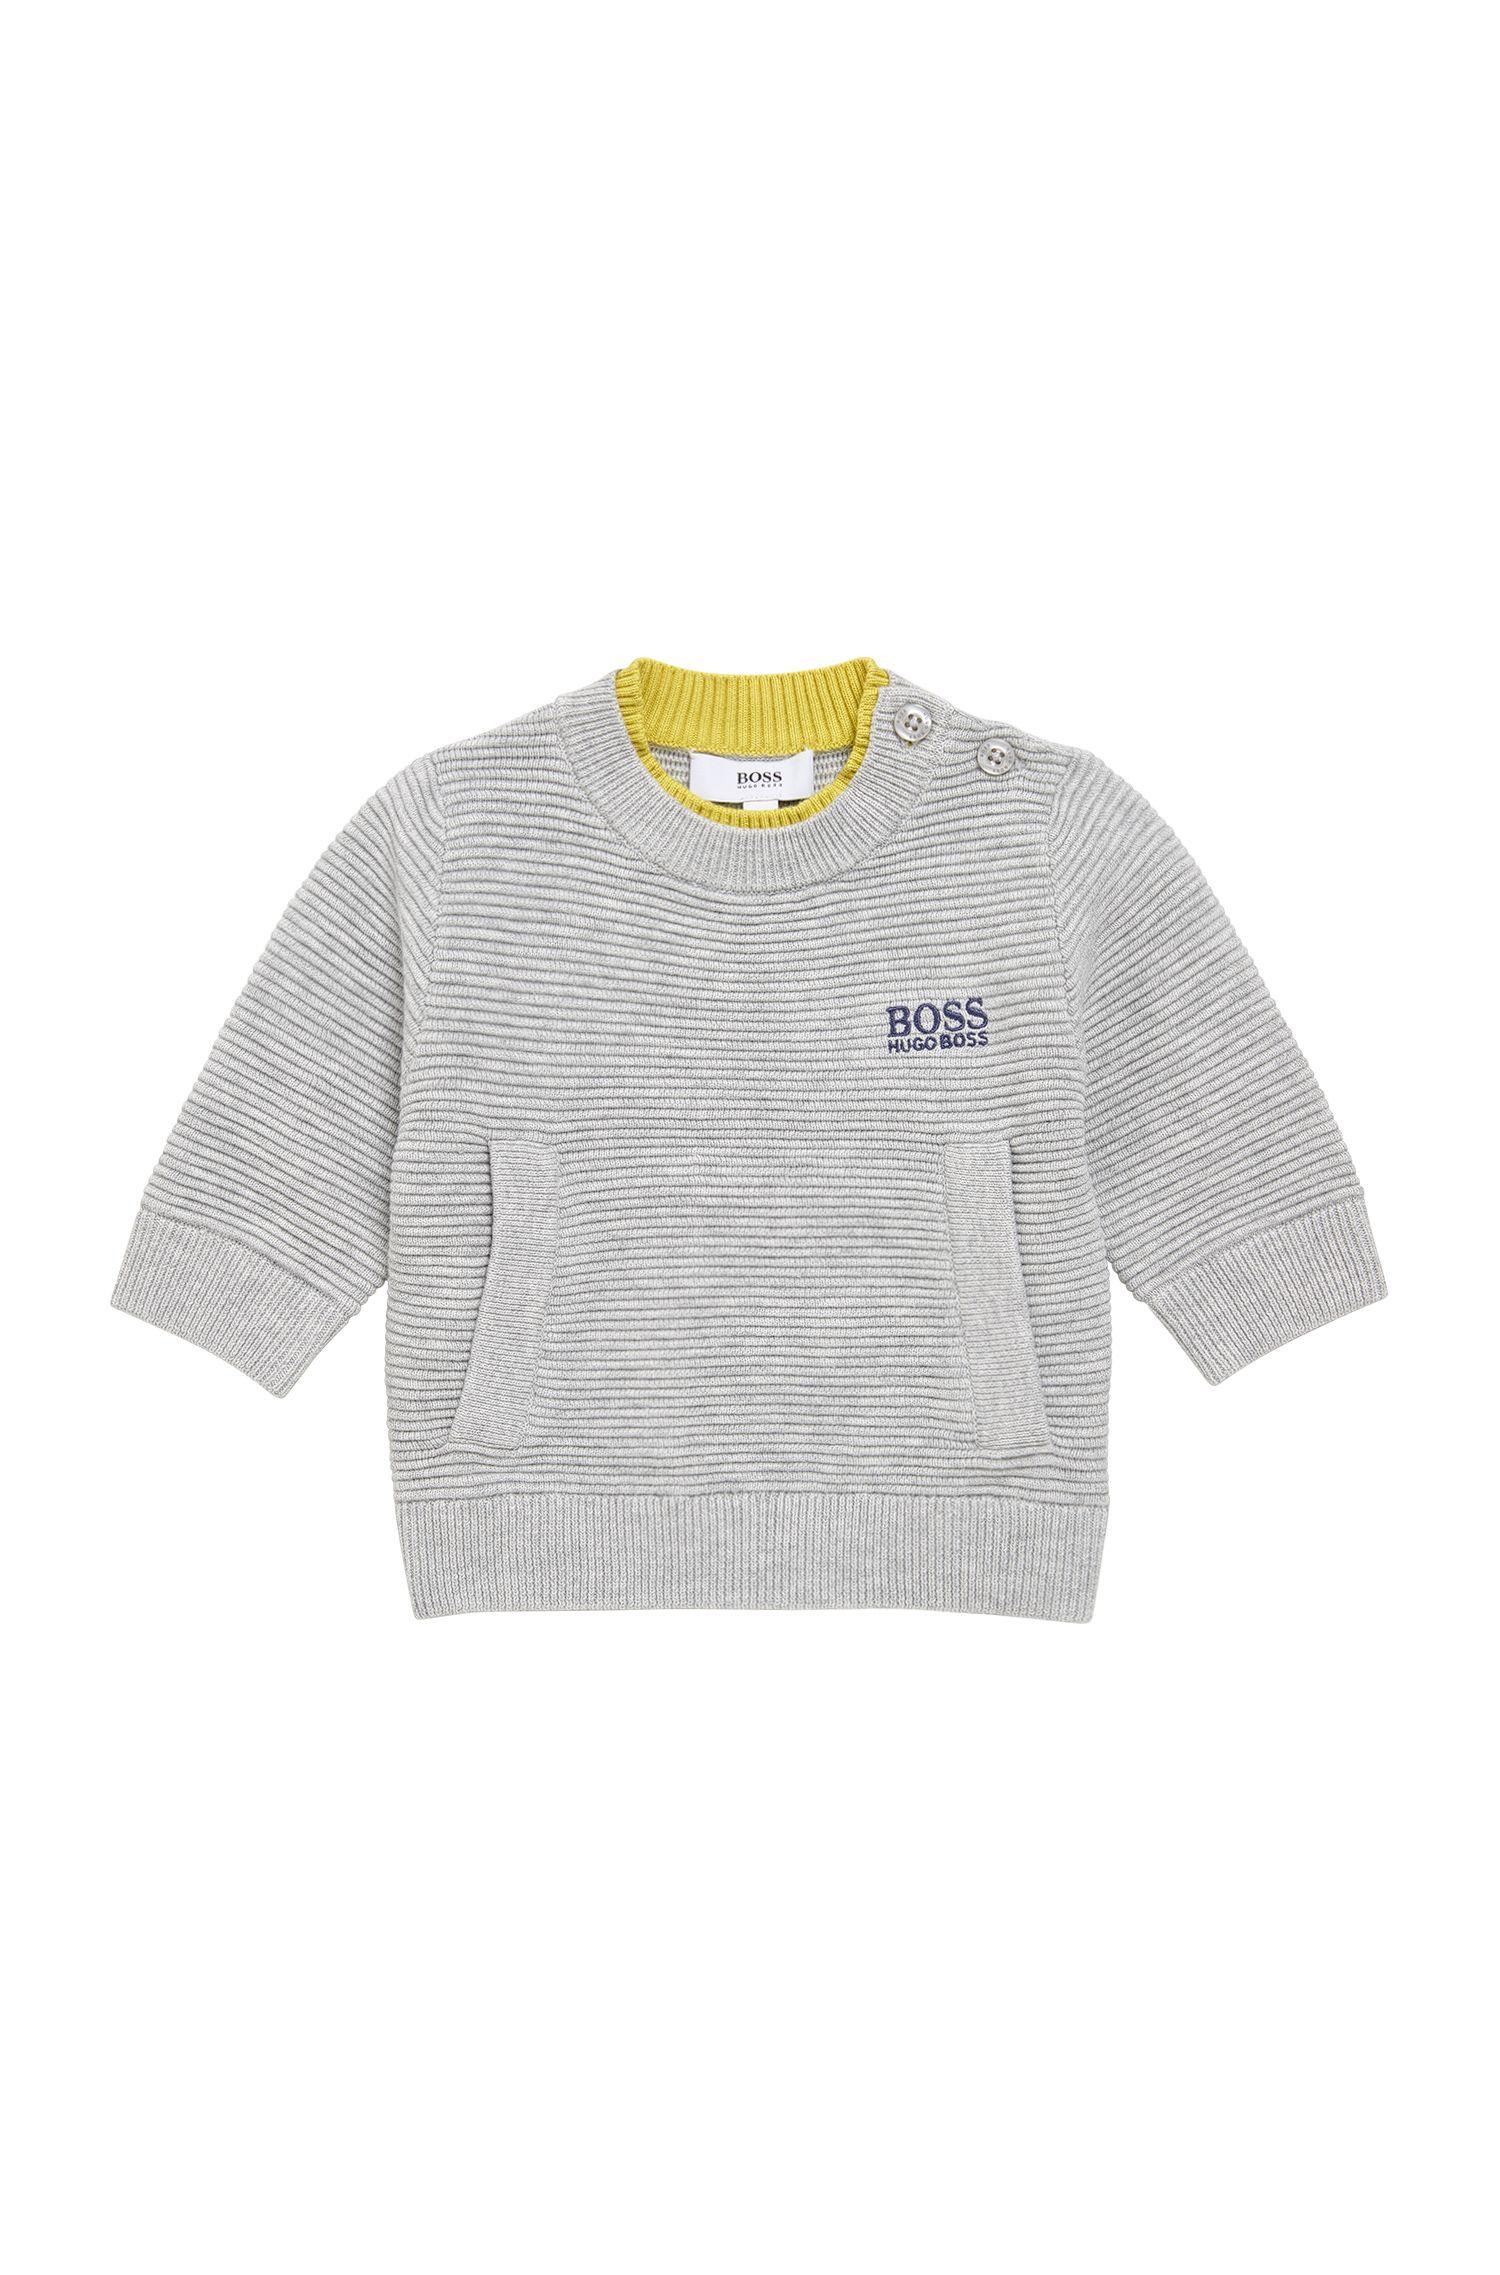 'J05515' | Toddler Stretch Cotton Kangaroo Pocket Sweater